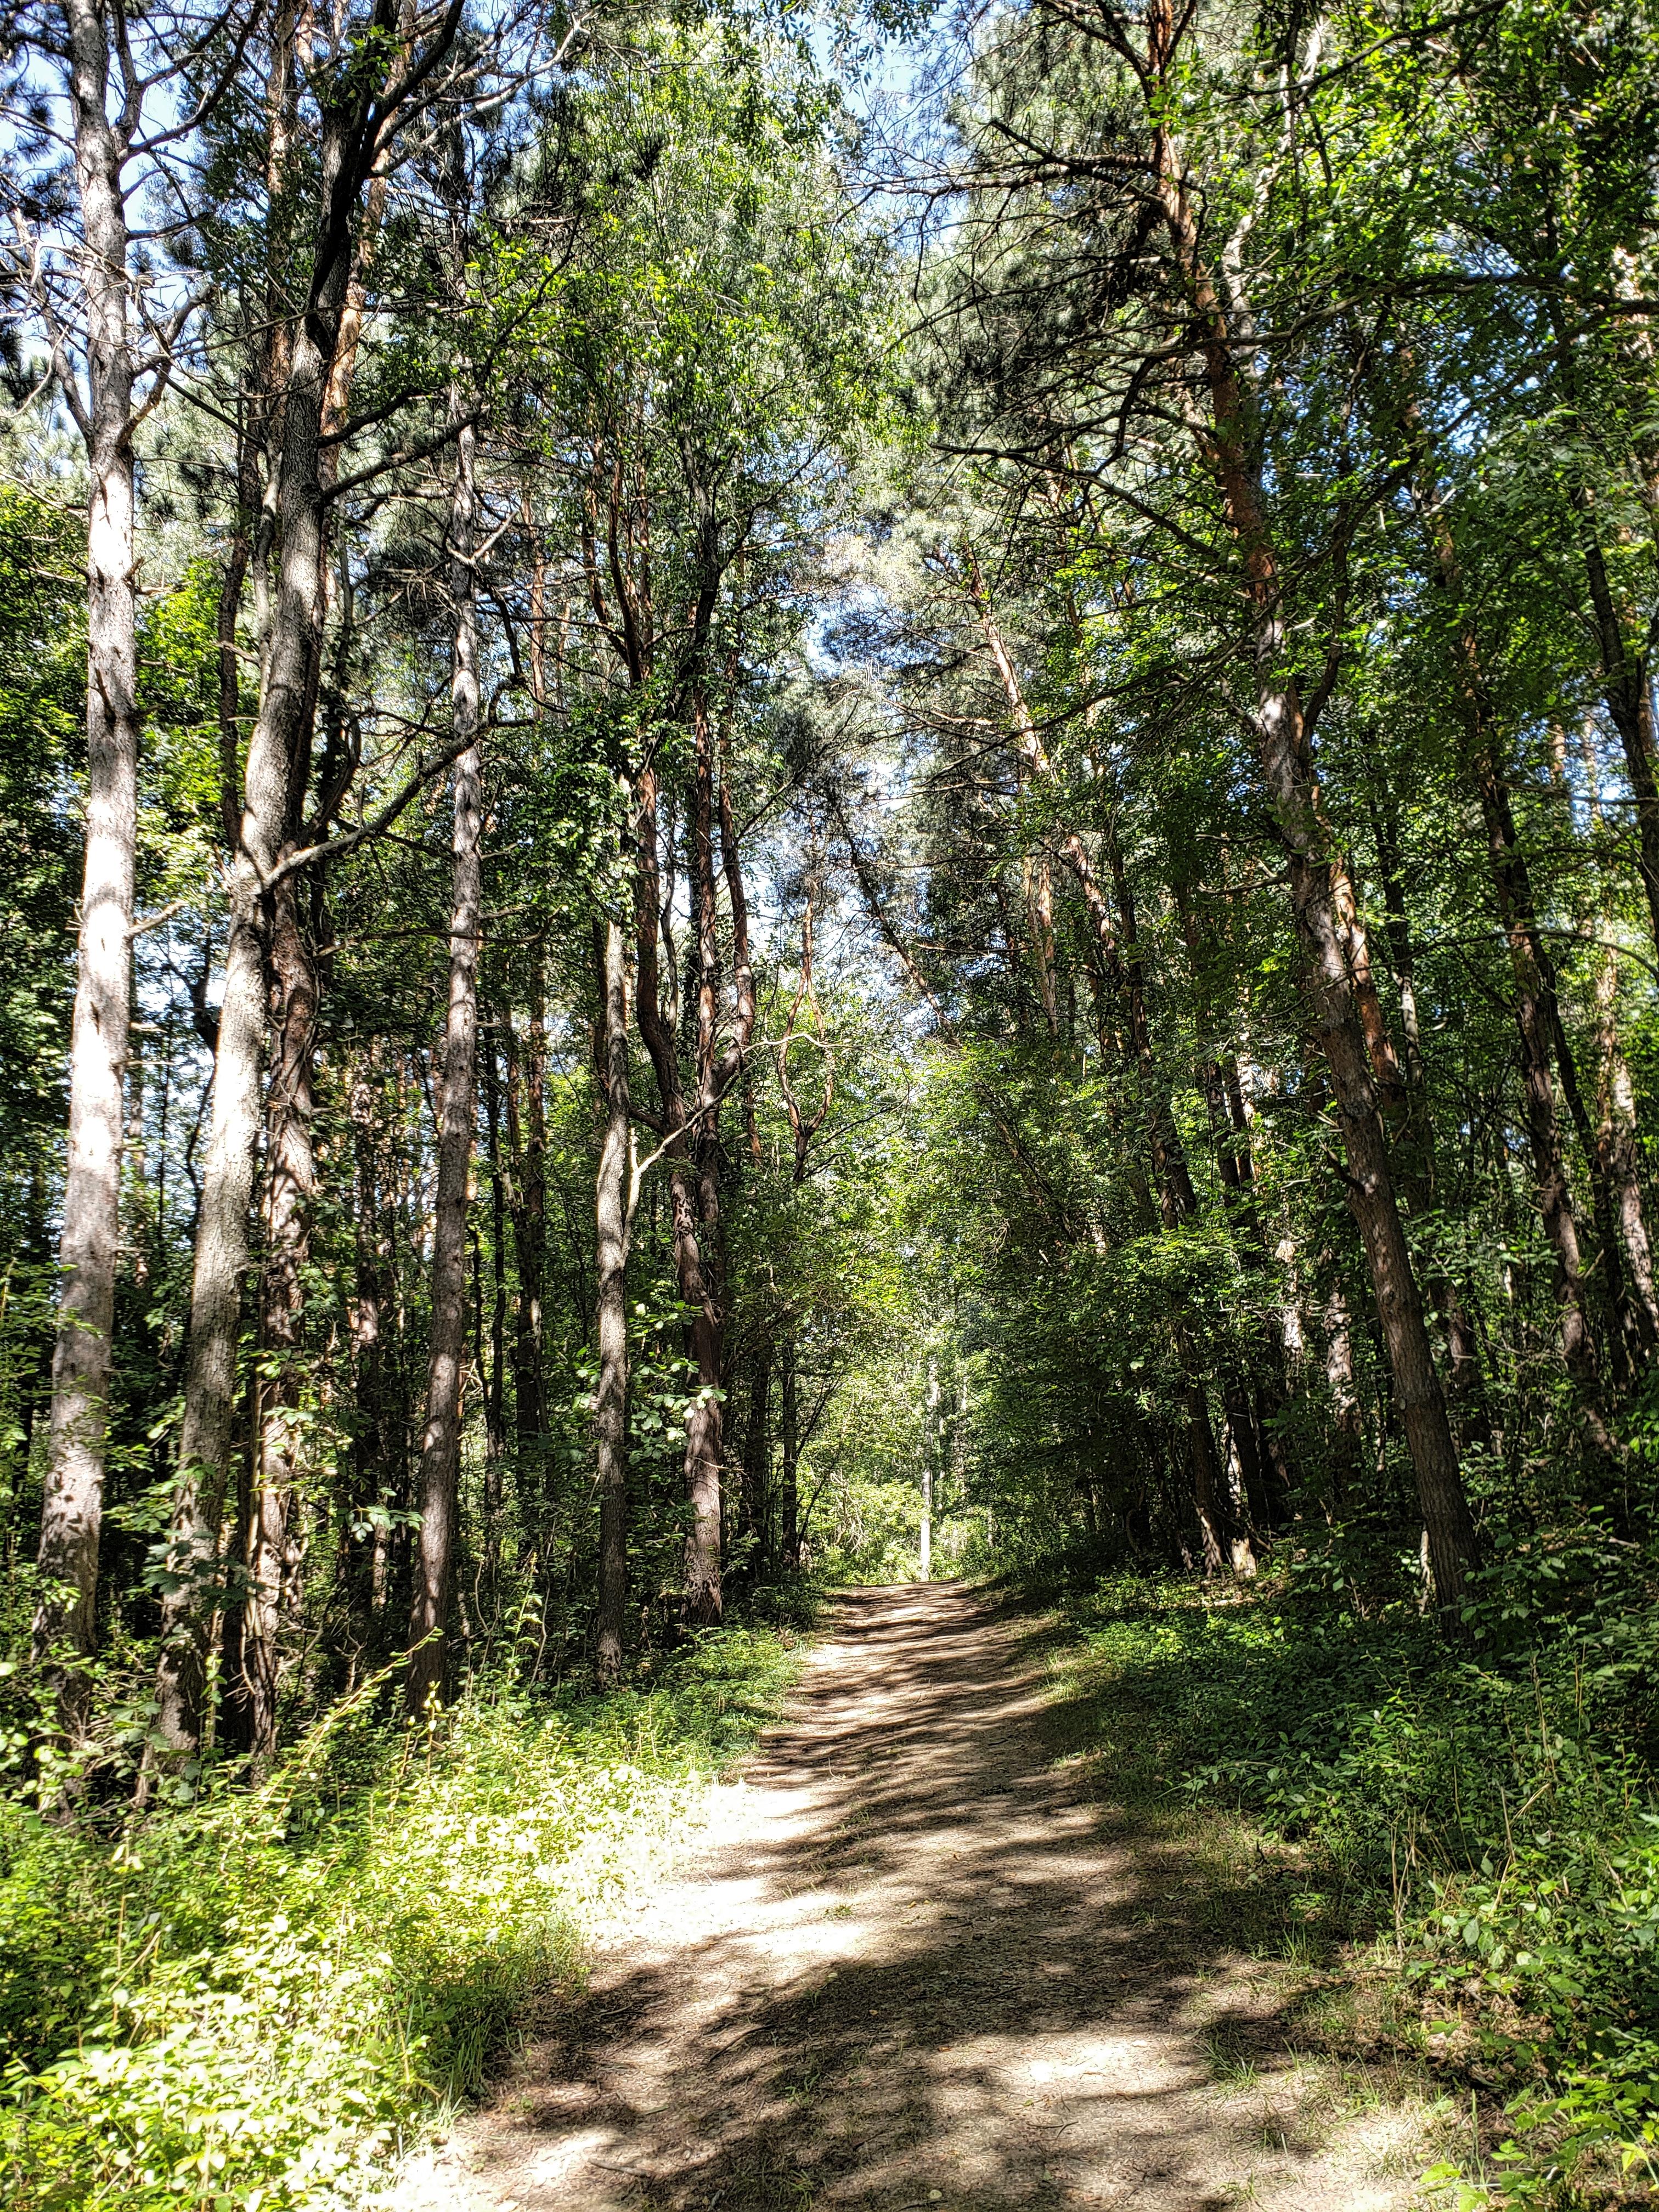 trolley trail mountain bike and hiking trail.